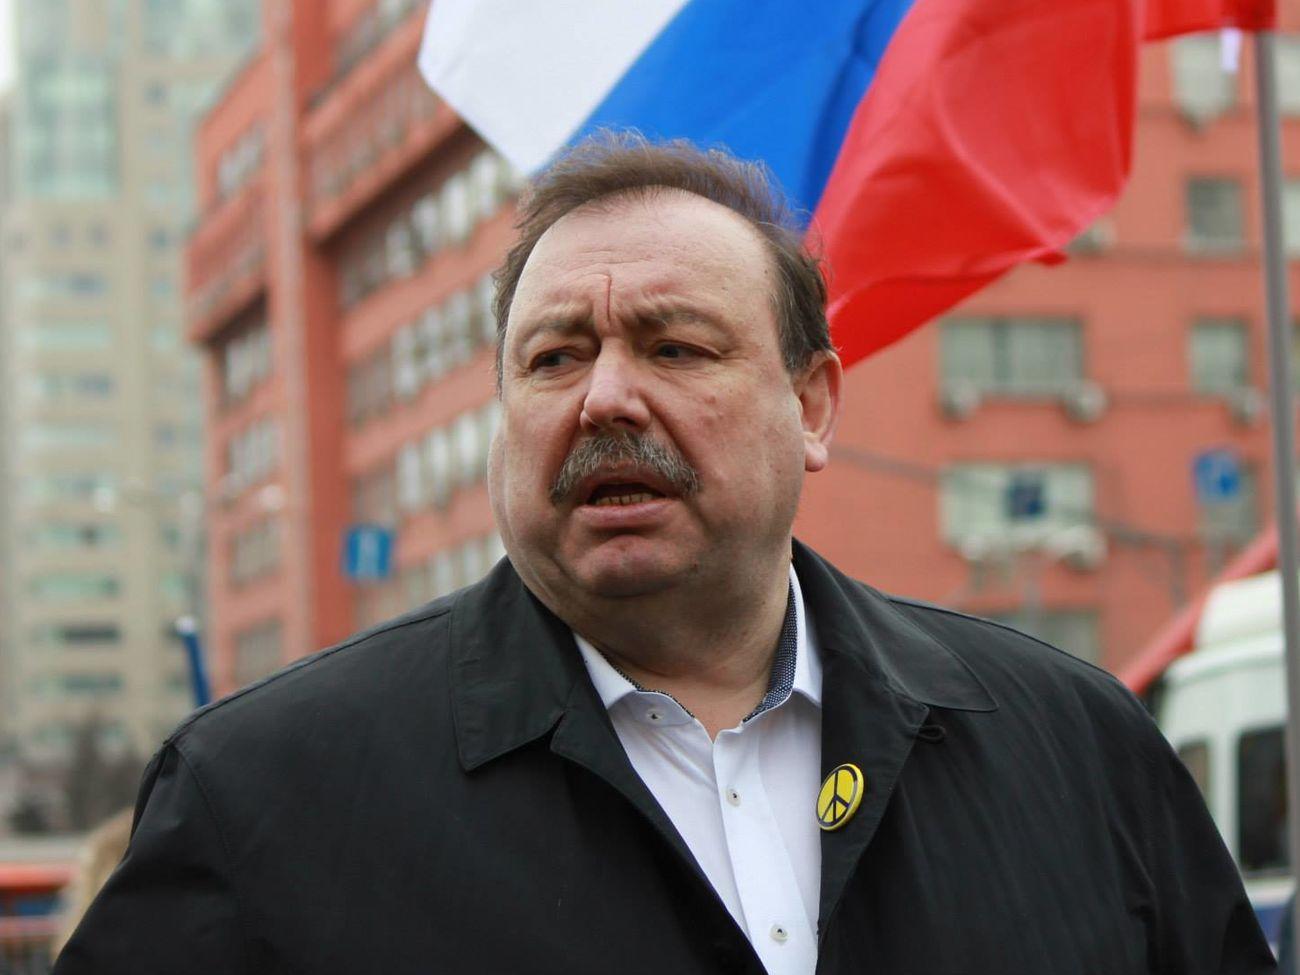 геннадий гудков депутат госдумы фото организационные вопросы